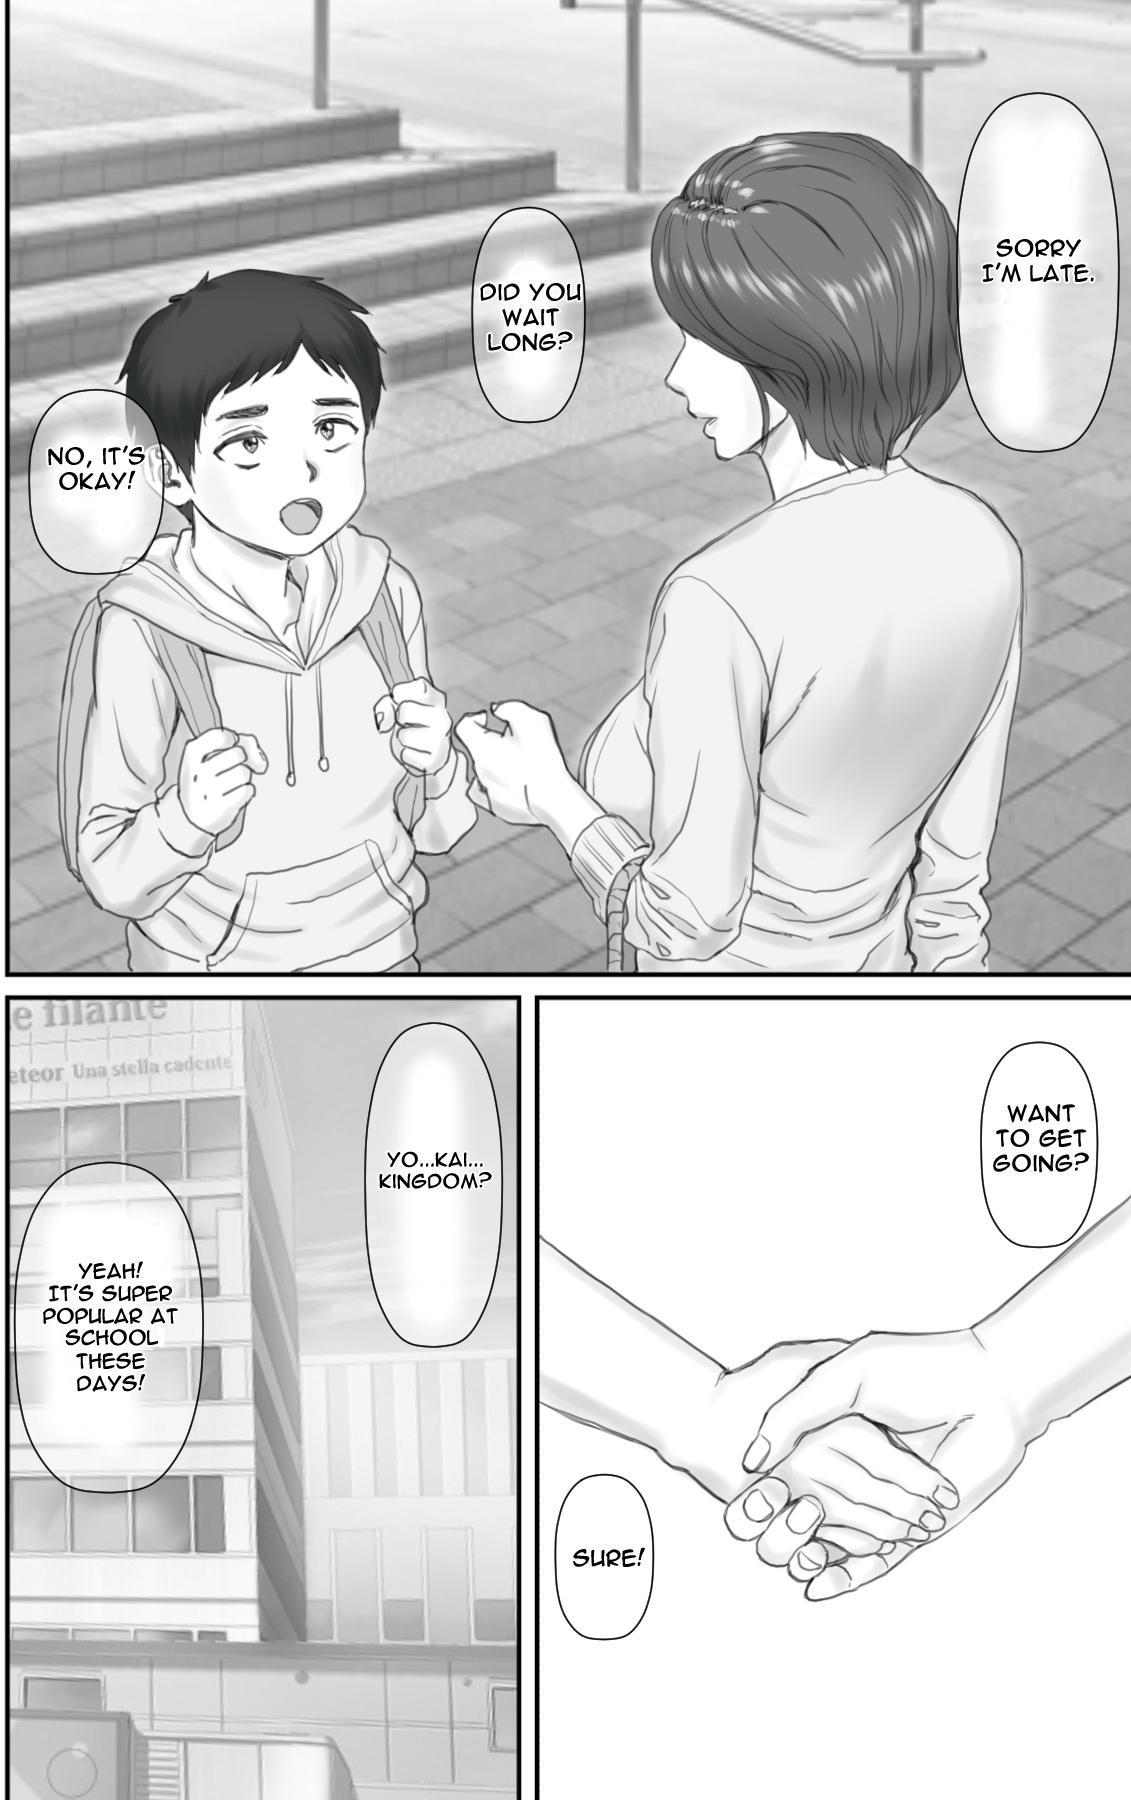 [Ponkotsu Damashii] Boku no Kanojo wa 40-sai no Hitozuma de Mama no Tomodachi | My Girlfriend is my mom's friend - A 40 year old housewife [English] [Jashinslayer] 3